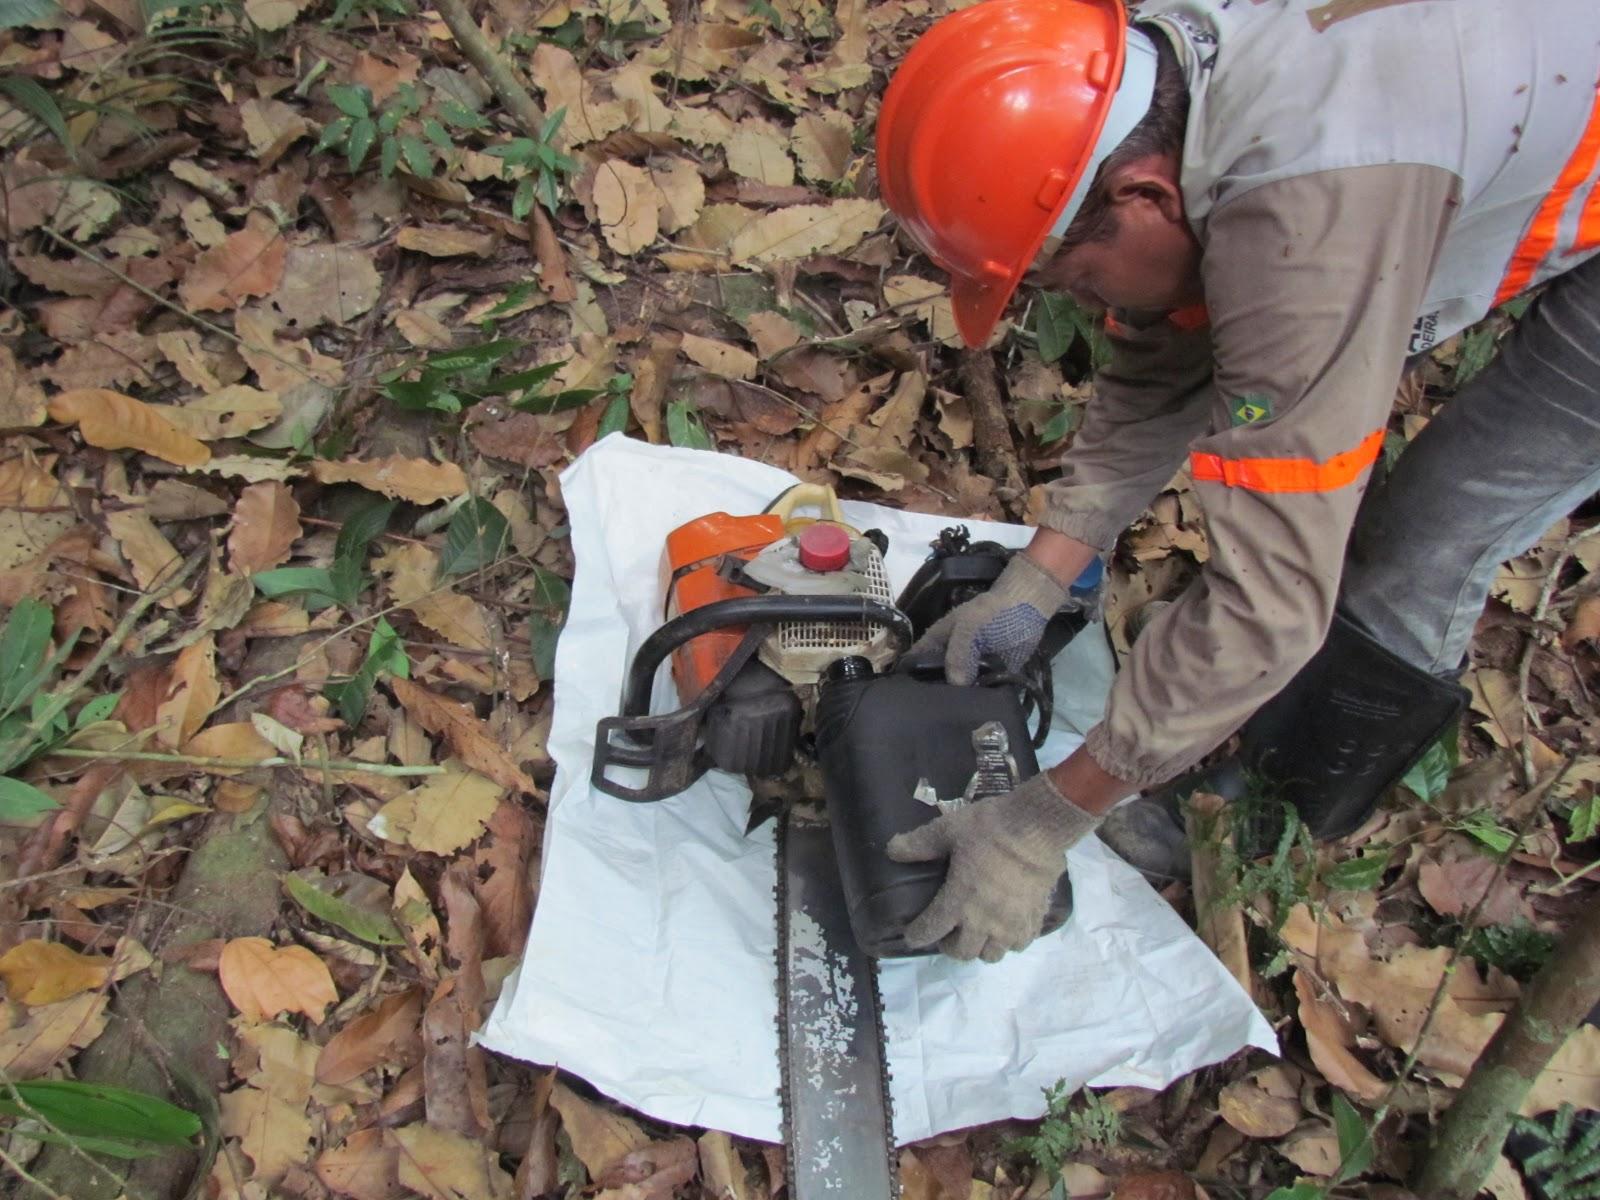 de arainhas e escorpiõezinhos só na limpeza do pé de uma árvore #B83E13 1600x1200